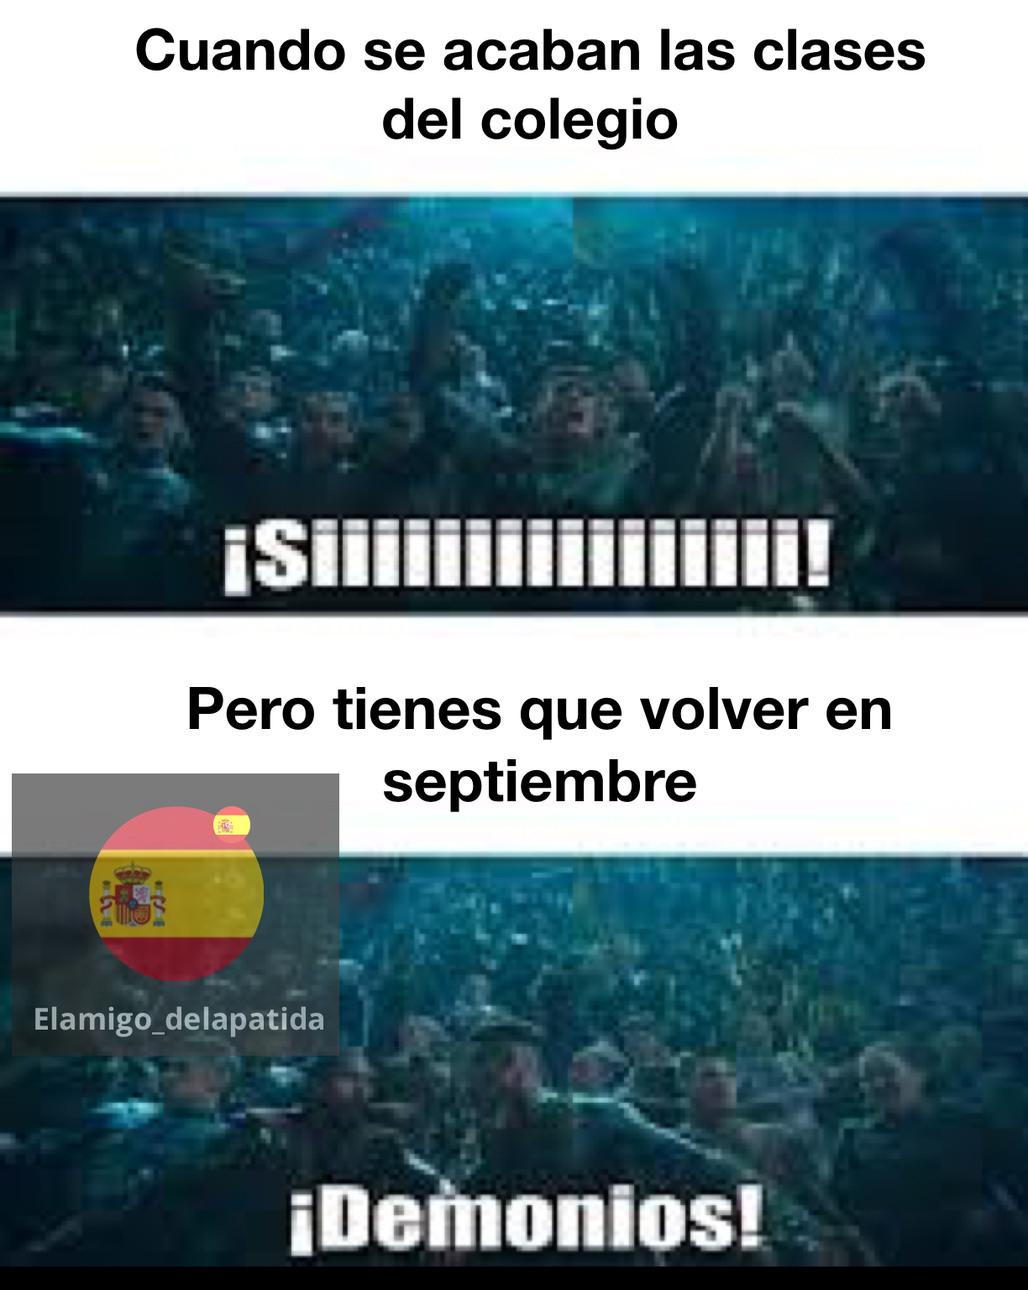 Colegio!!! € - meme